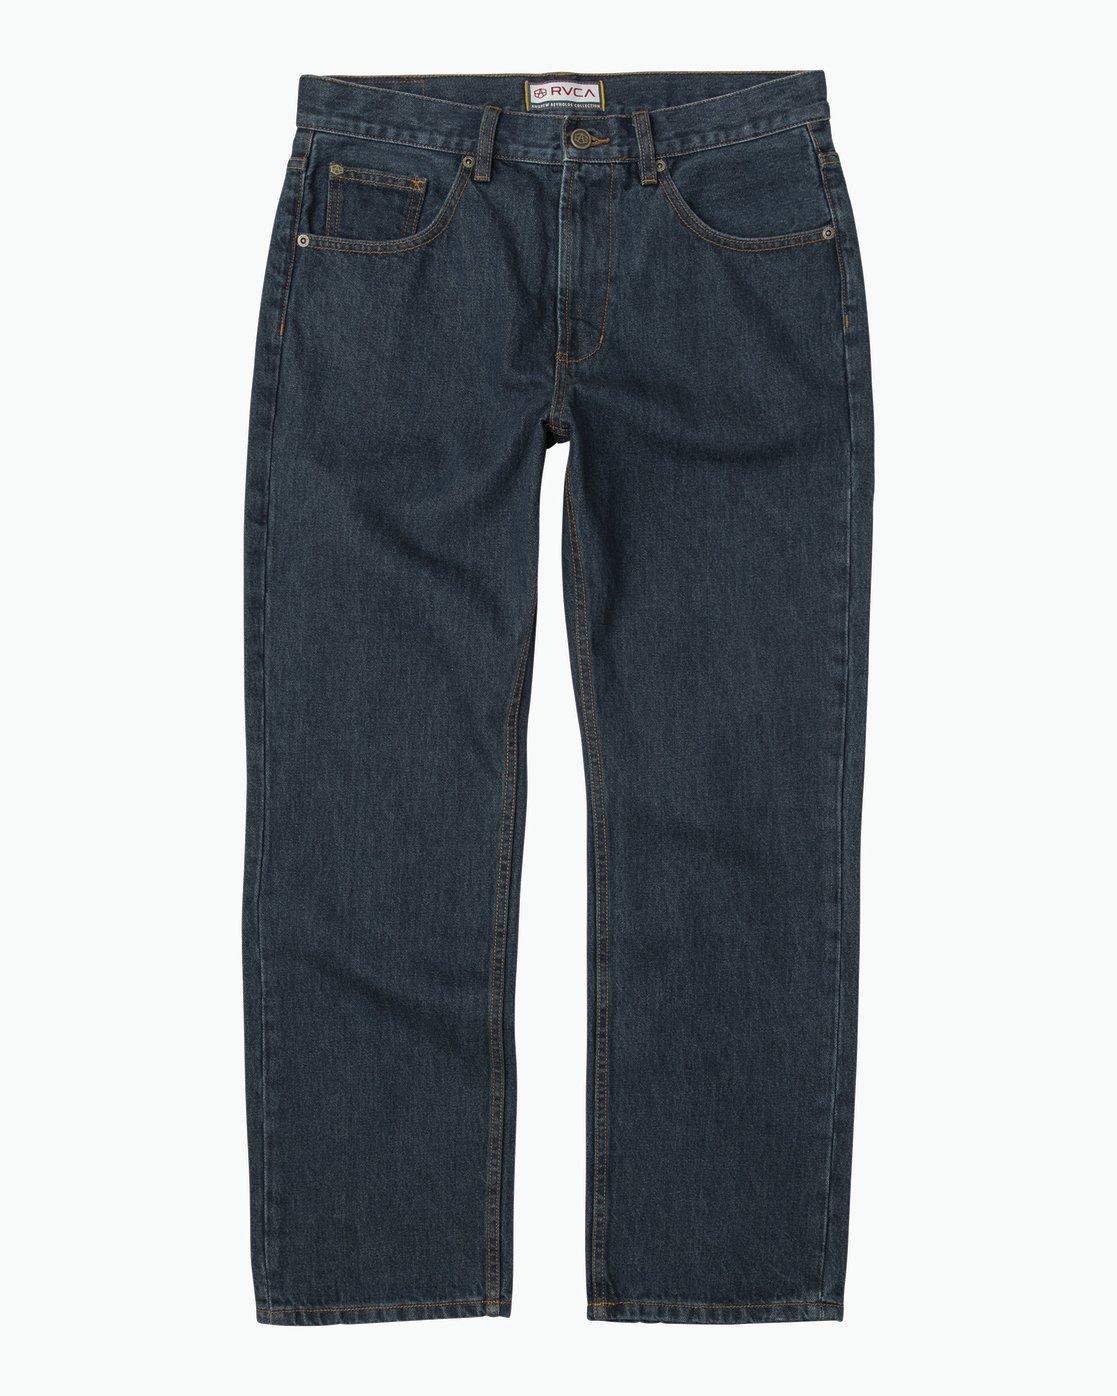 6 Andrew Reynolds Denim Jeans II Green M310QRAR RVCA